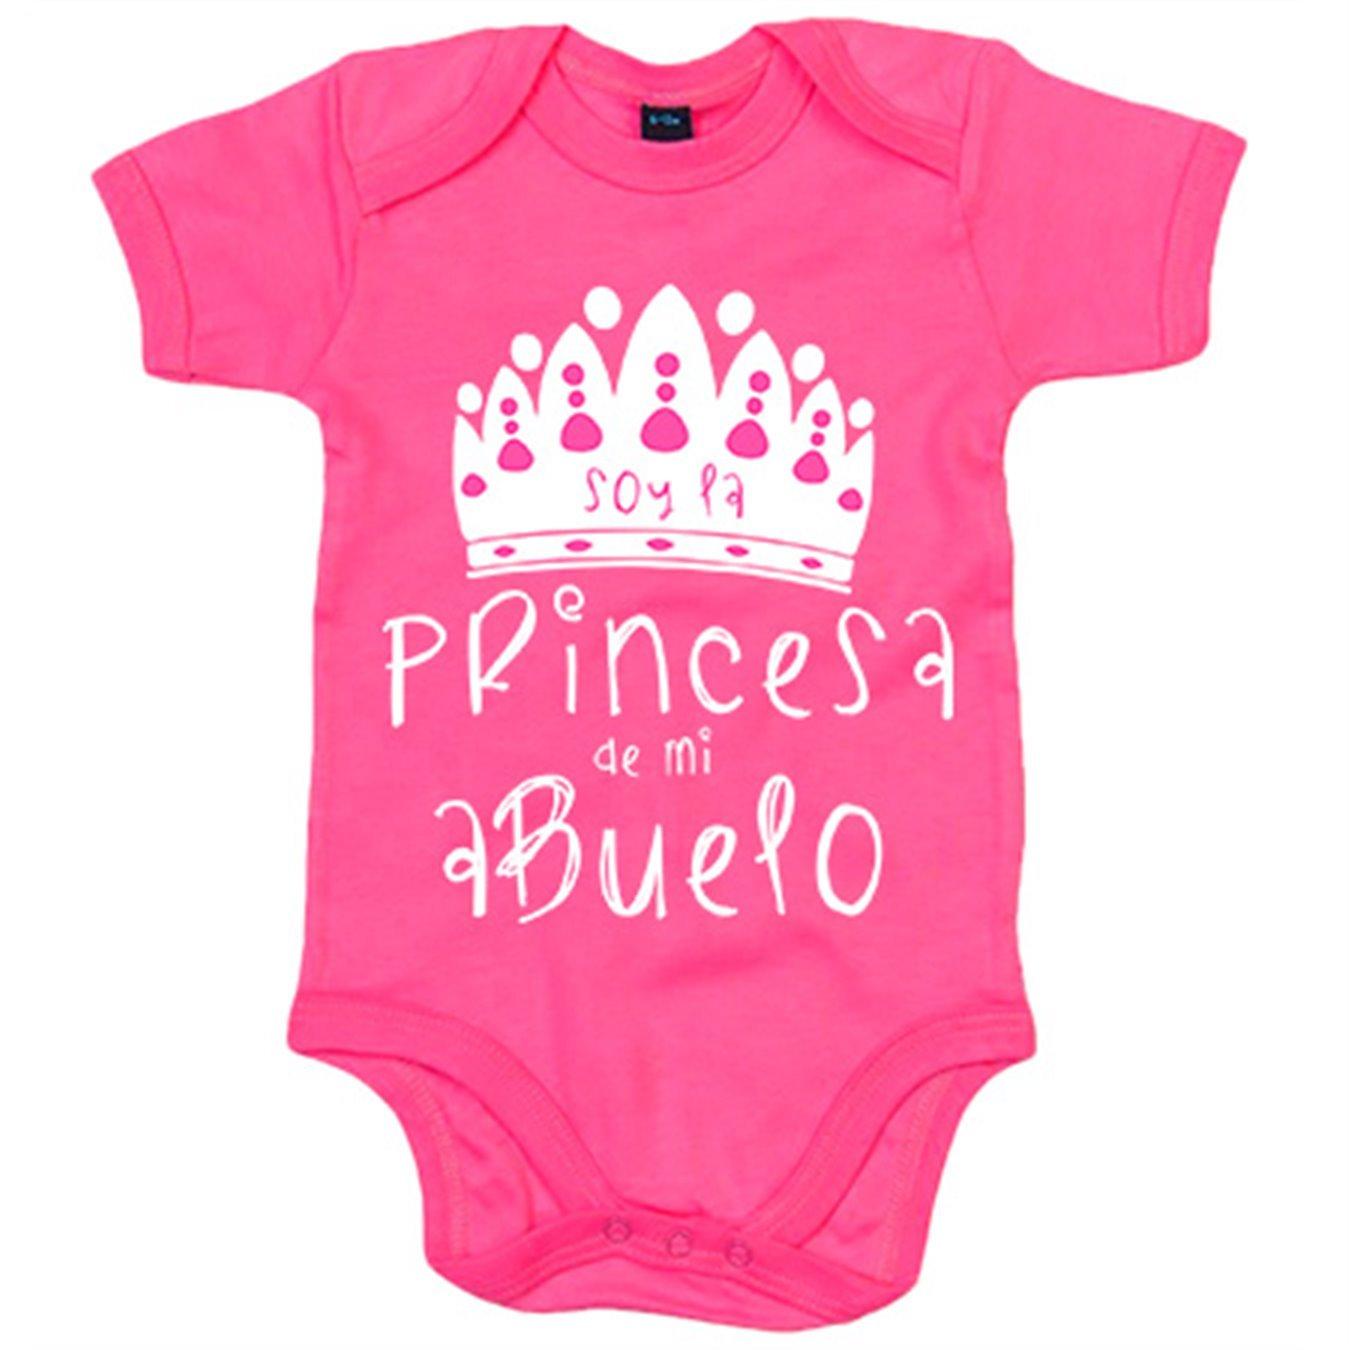 Body bebé Soy la princesa de mi abuelo - Blanco, 6-12 meses ...